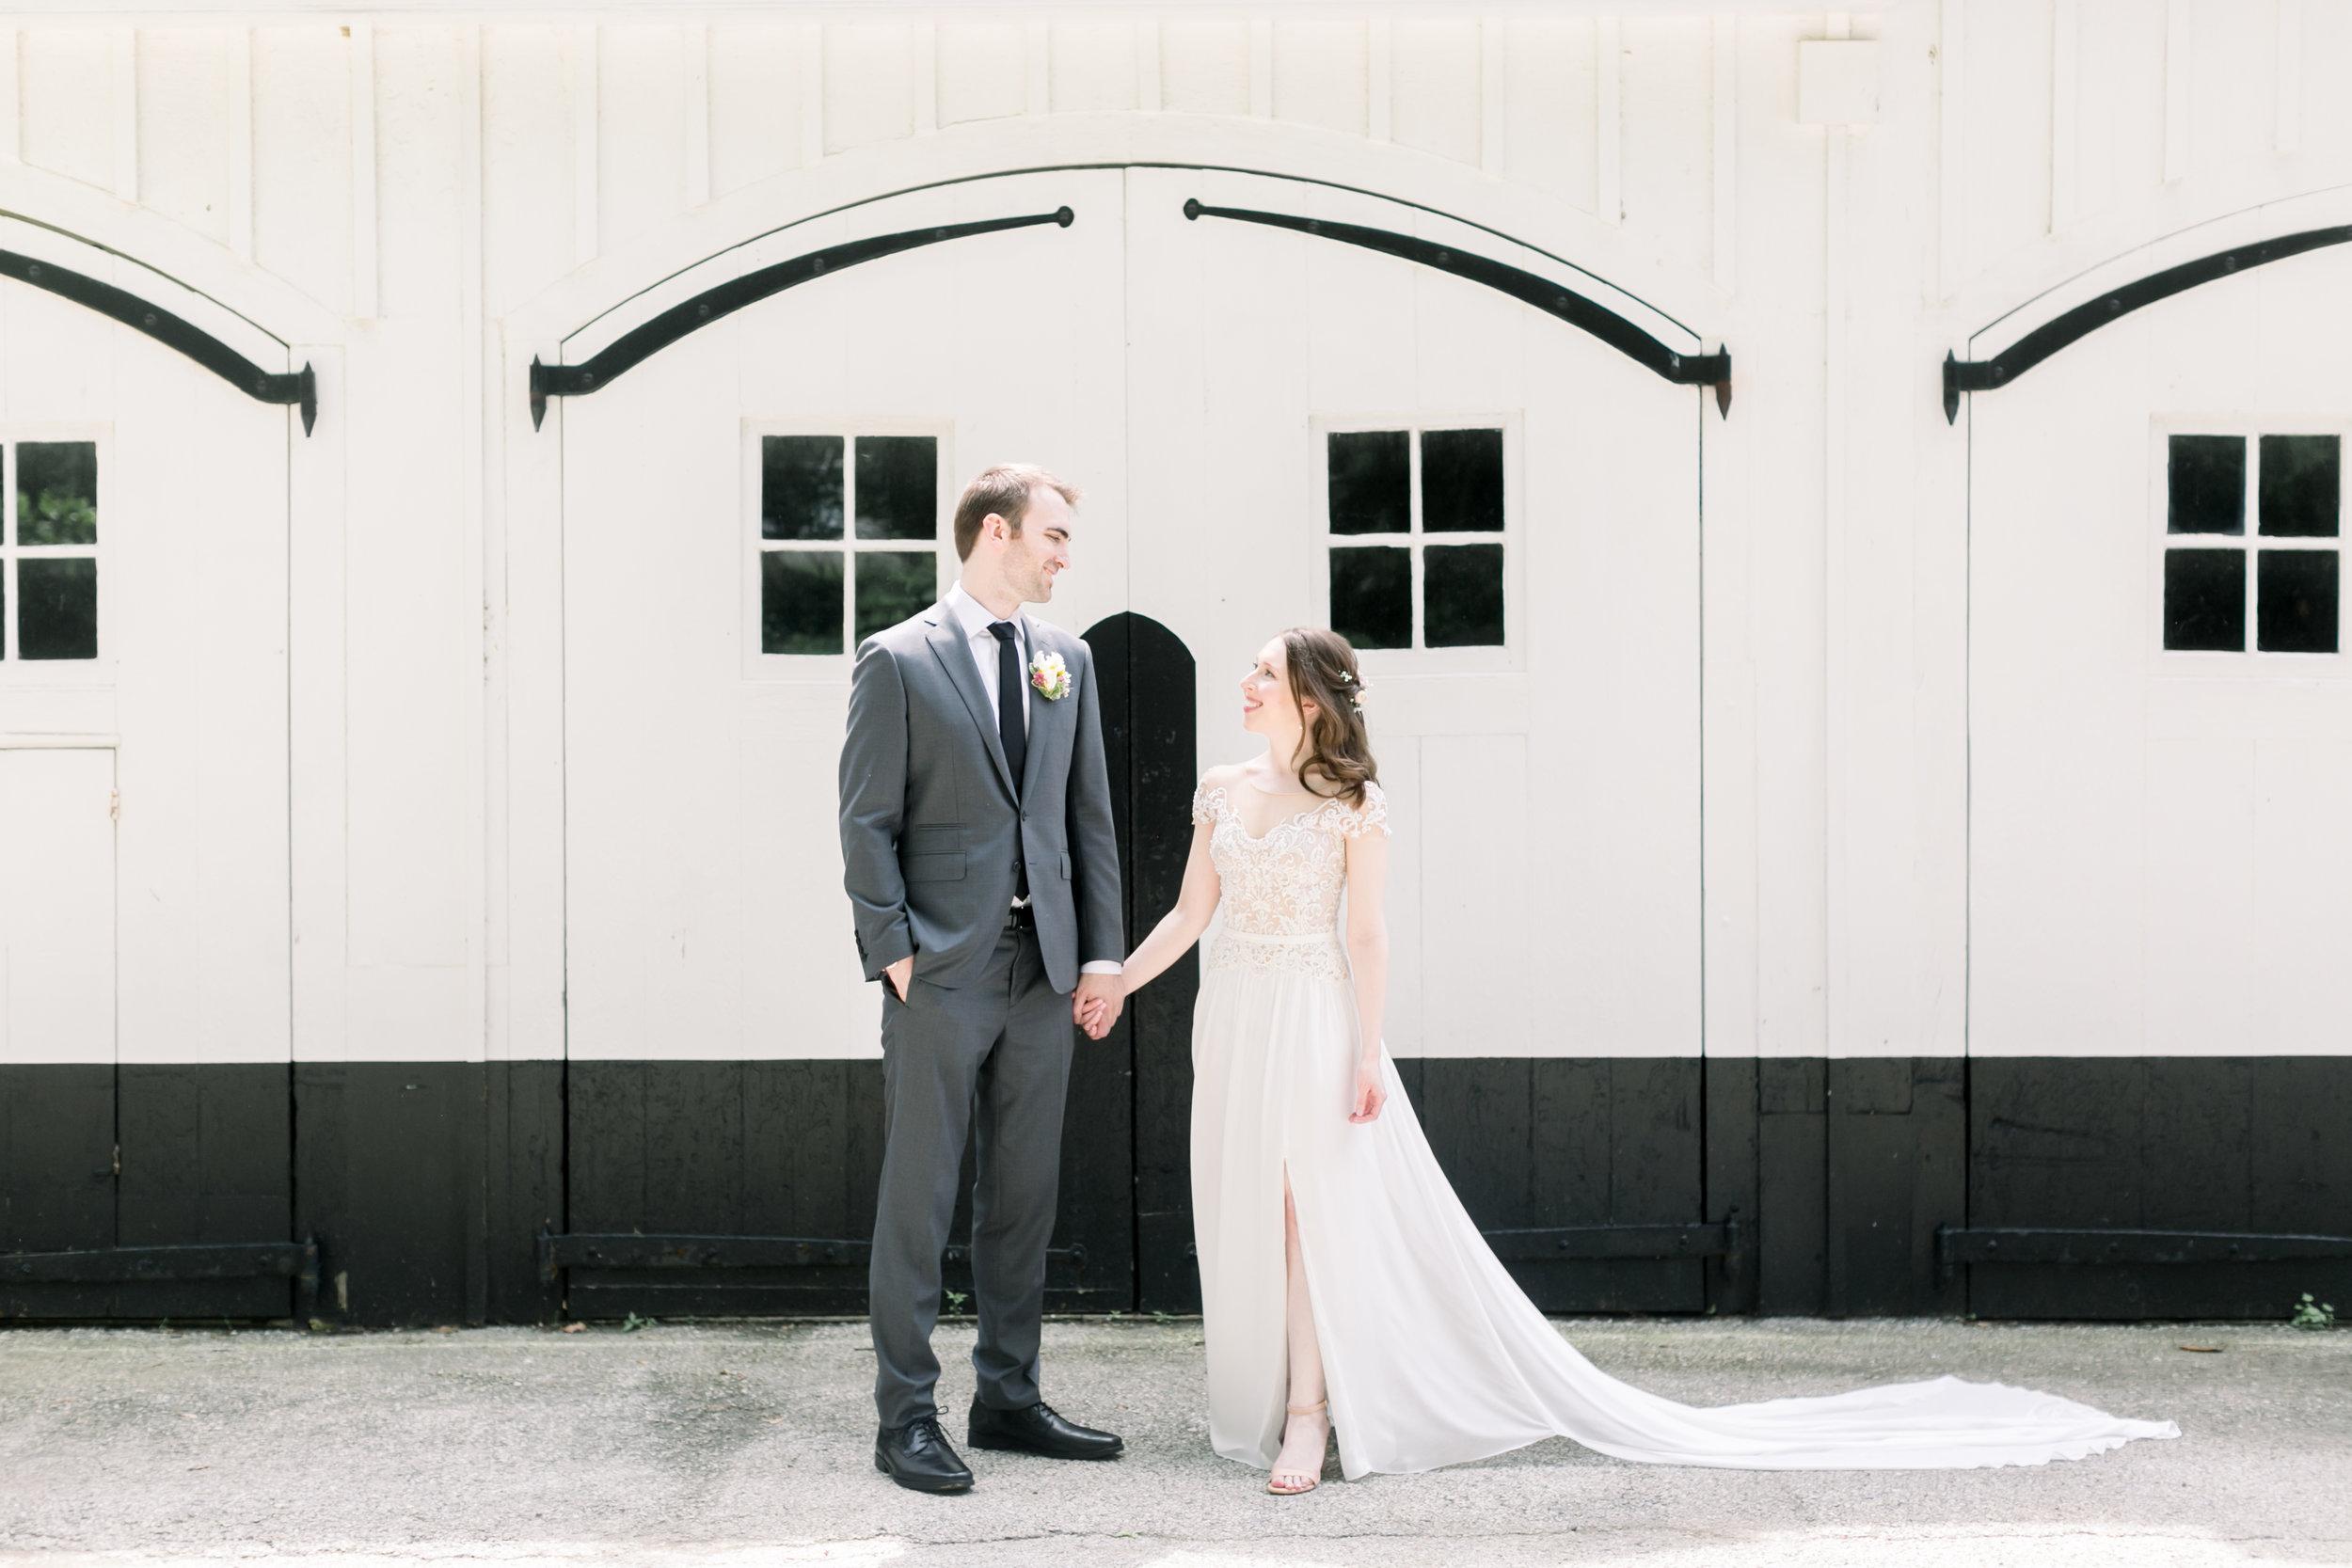 JACLYN + GREG - APPLEFORD ESTATEPhotographer: Emily Wren